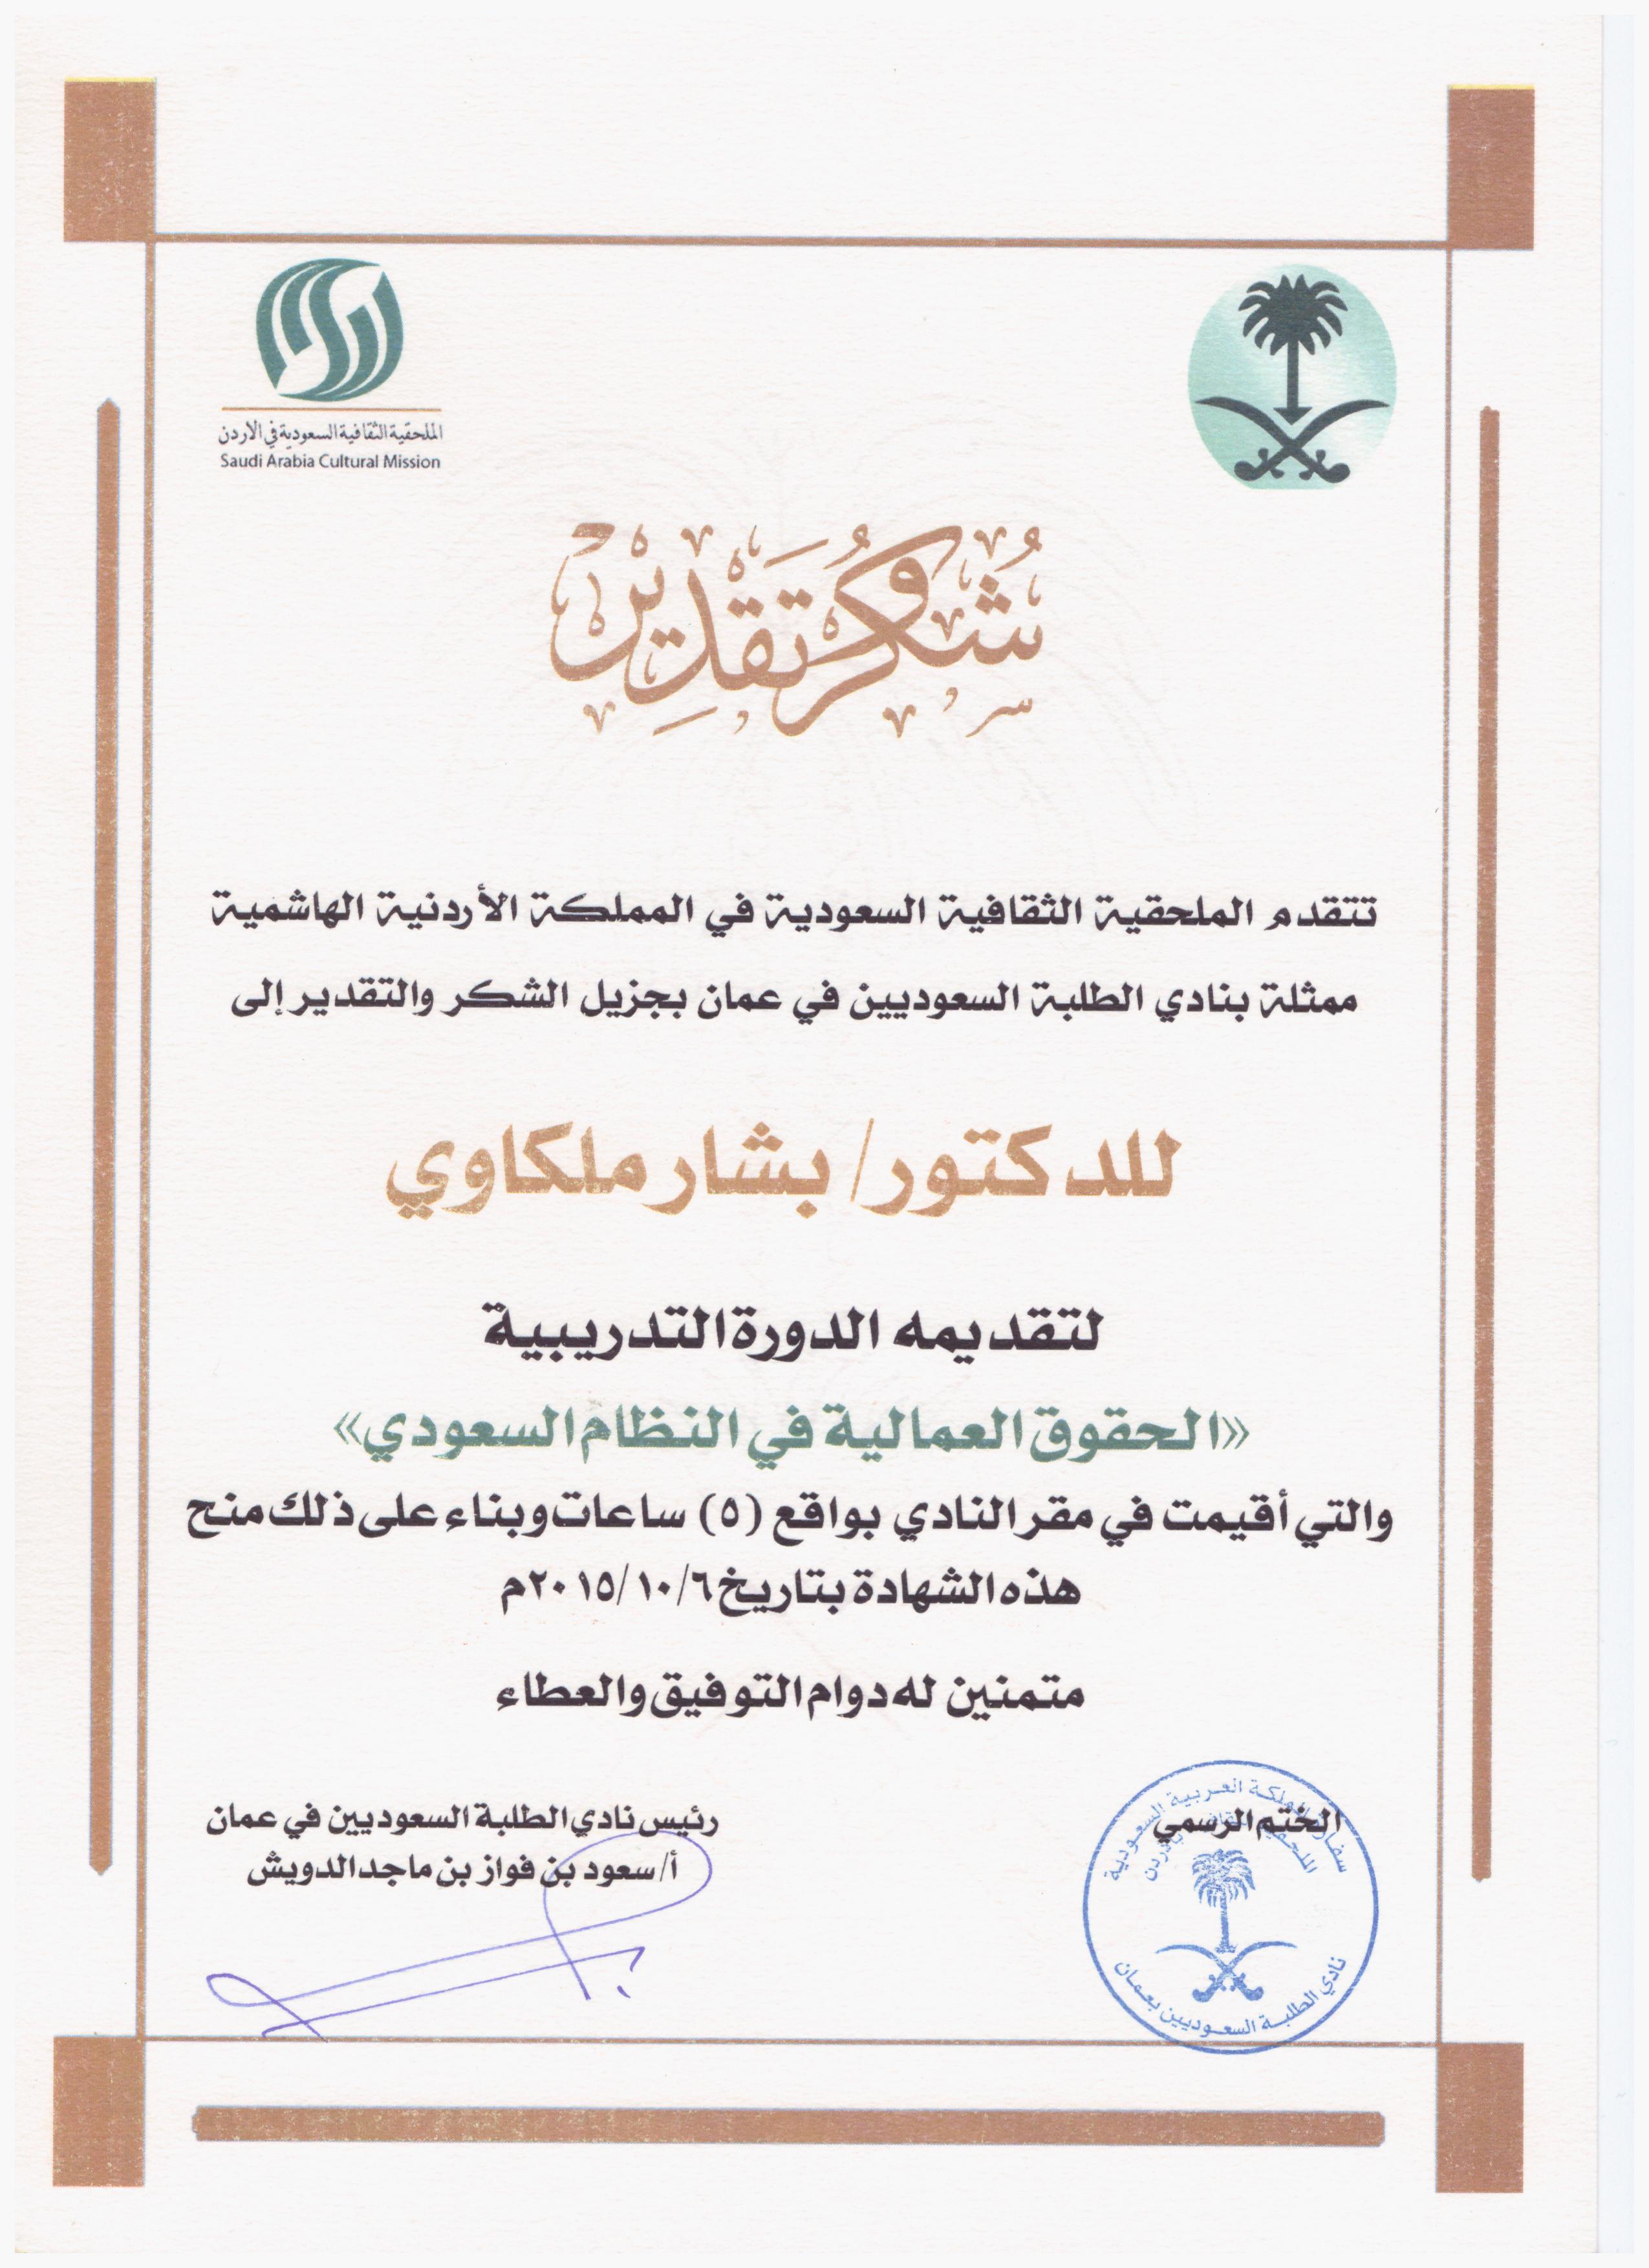 شهادة شكر وتقدير لتقديم دورة الحقوق العمالية في النظام السعودي